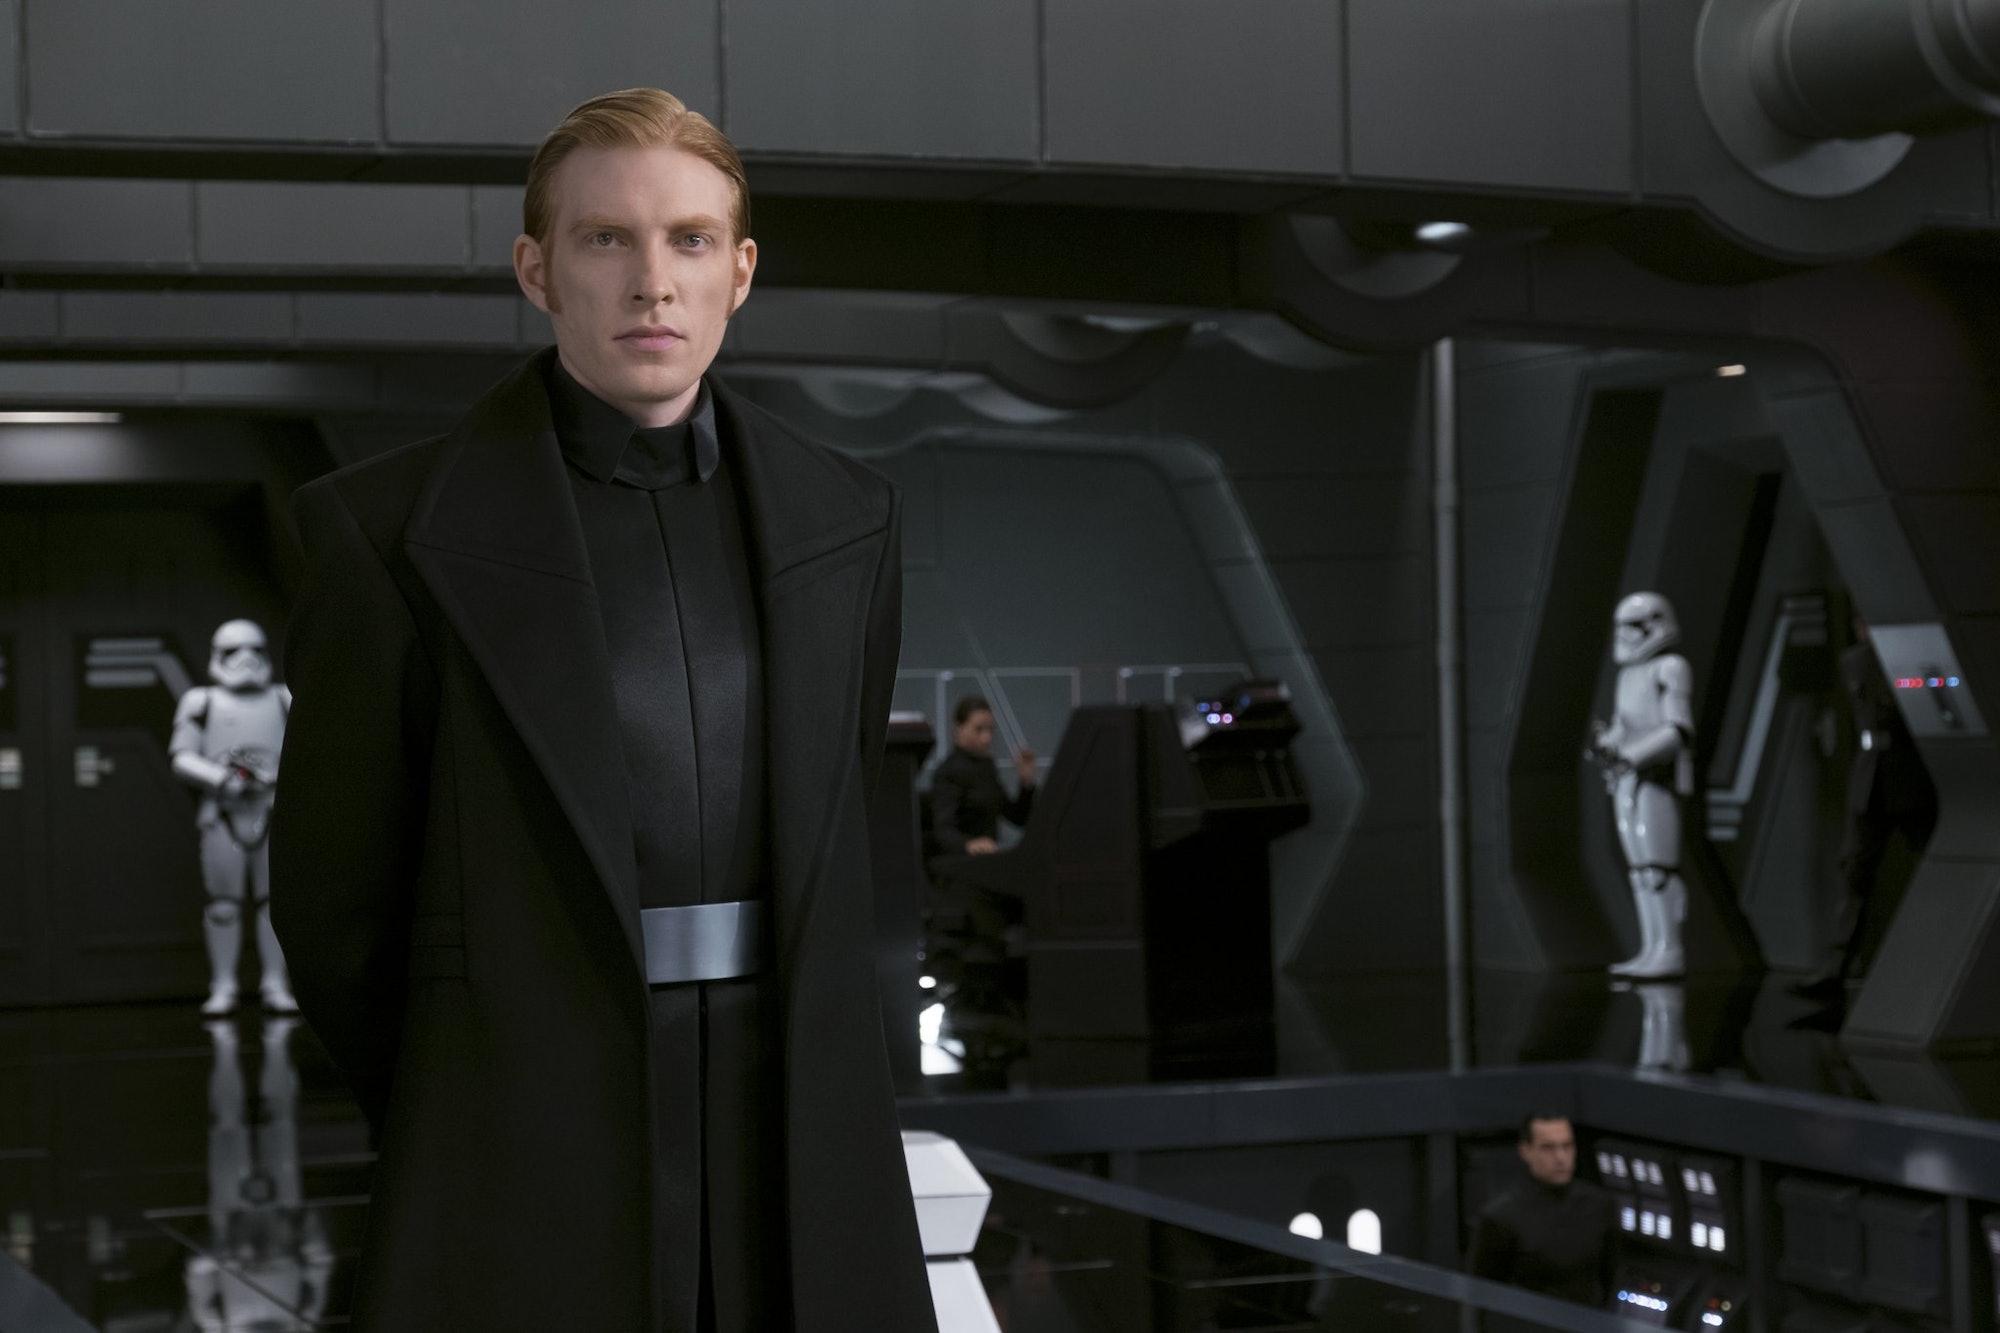 General Armitage Hux in 'The Last Jedi'.